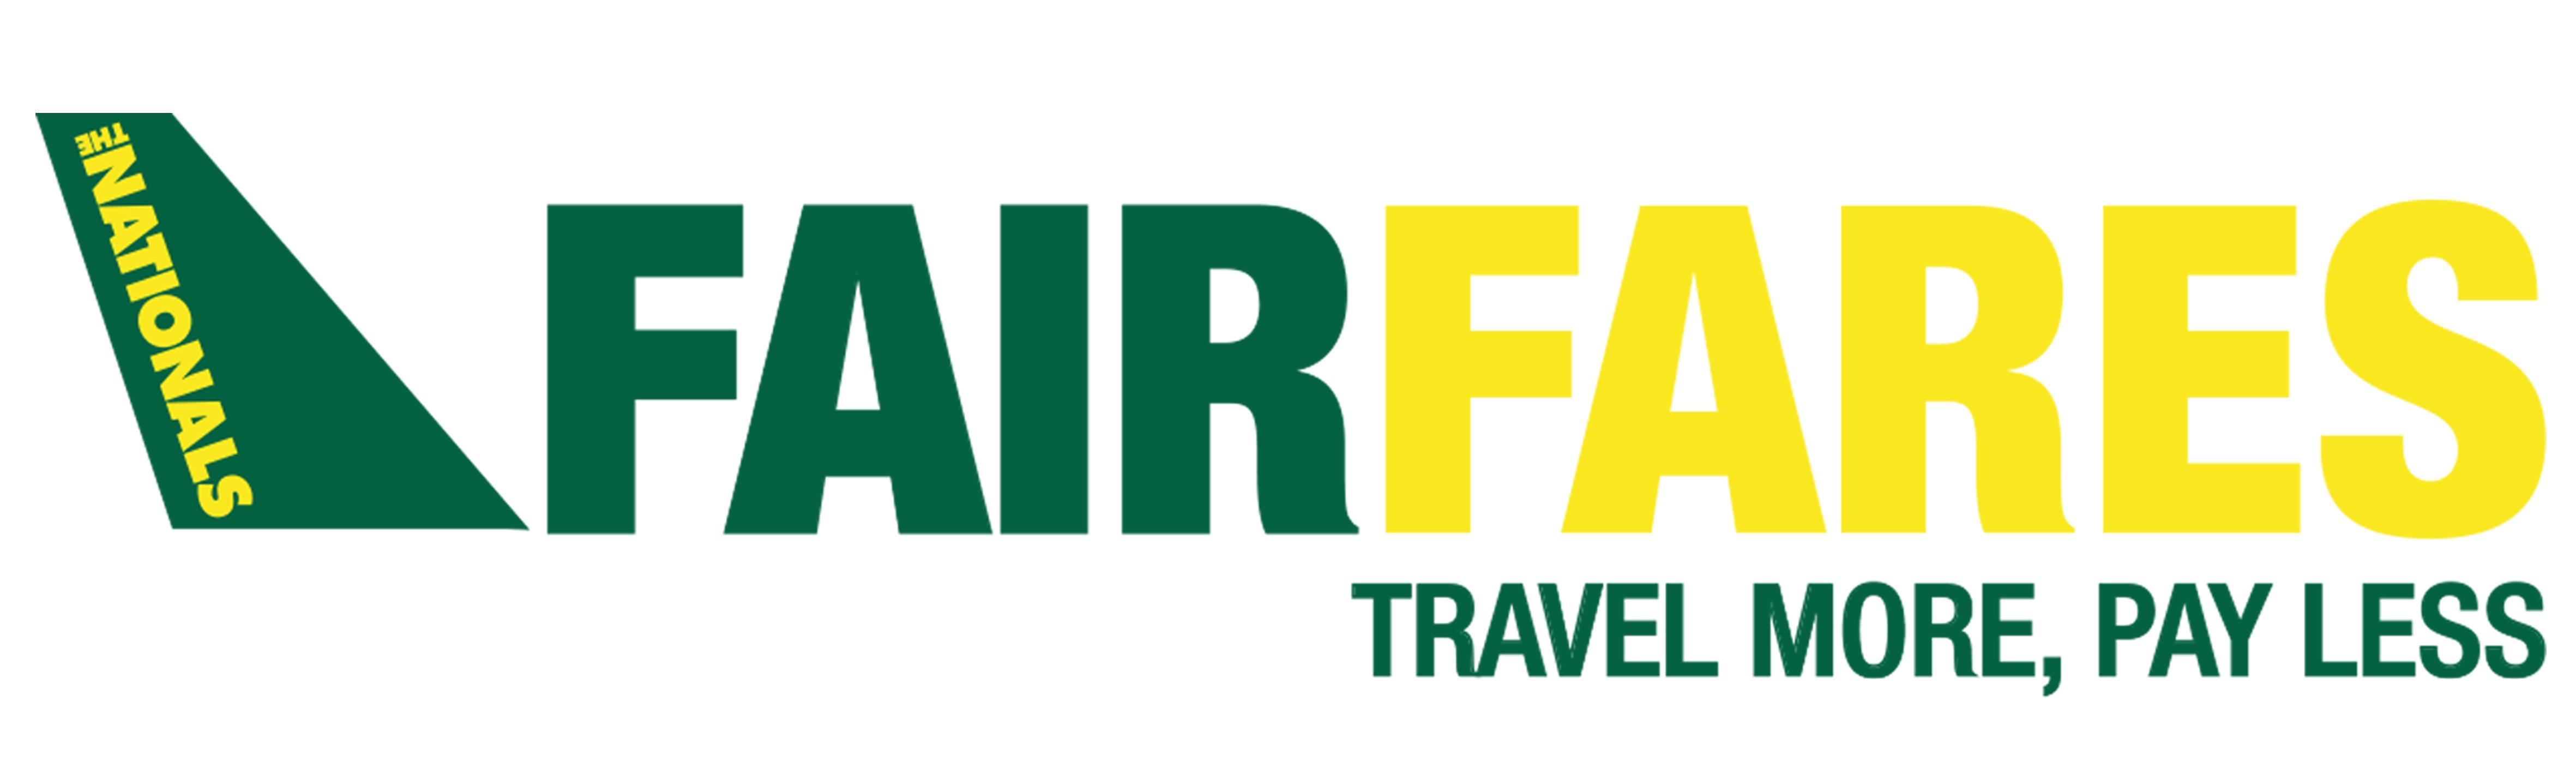 Airfair.jpg